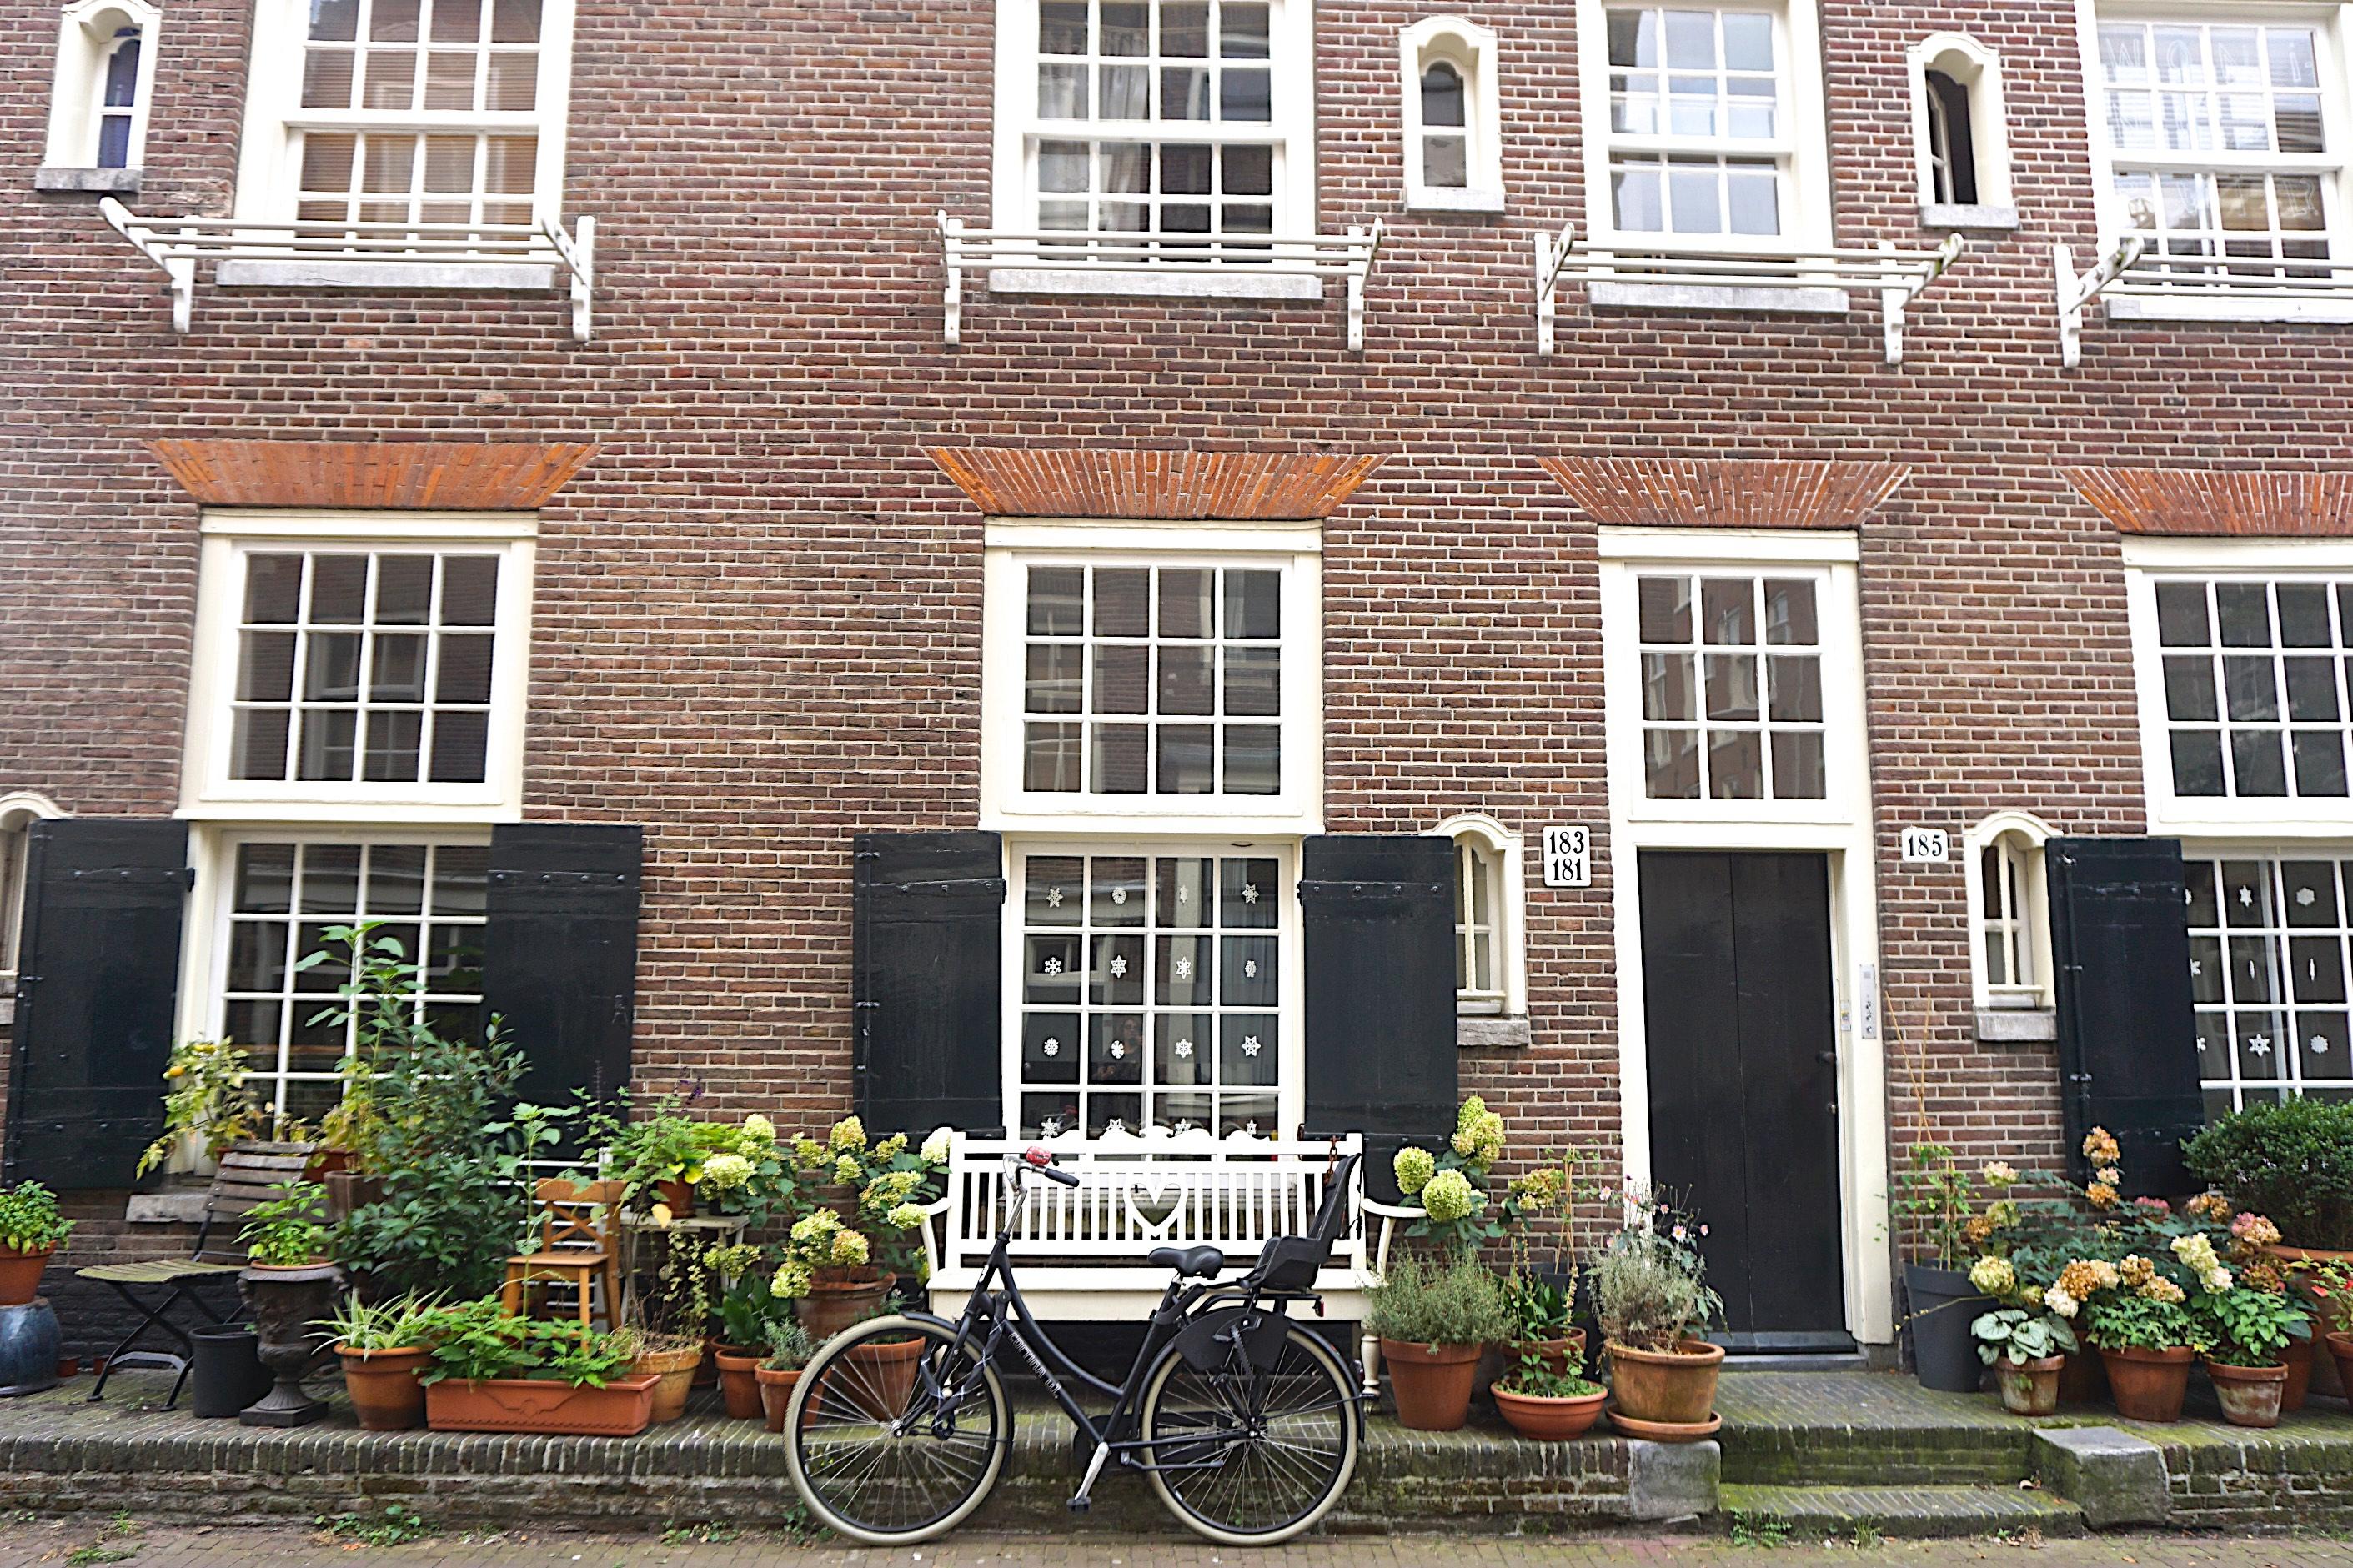 Side street in the Jordaan, Amsterdam